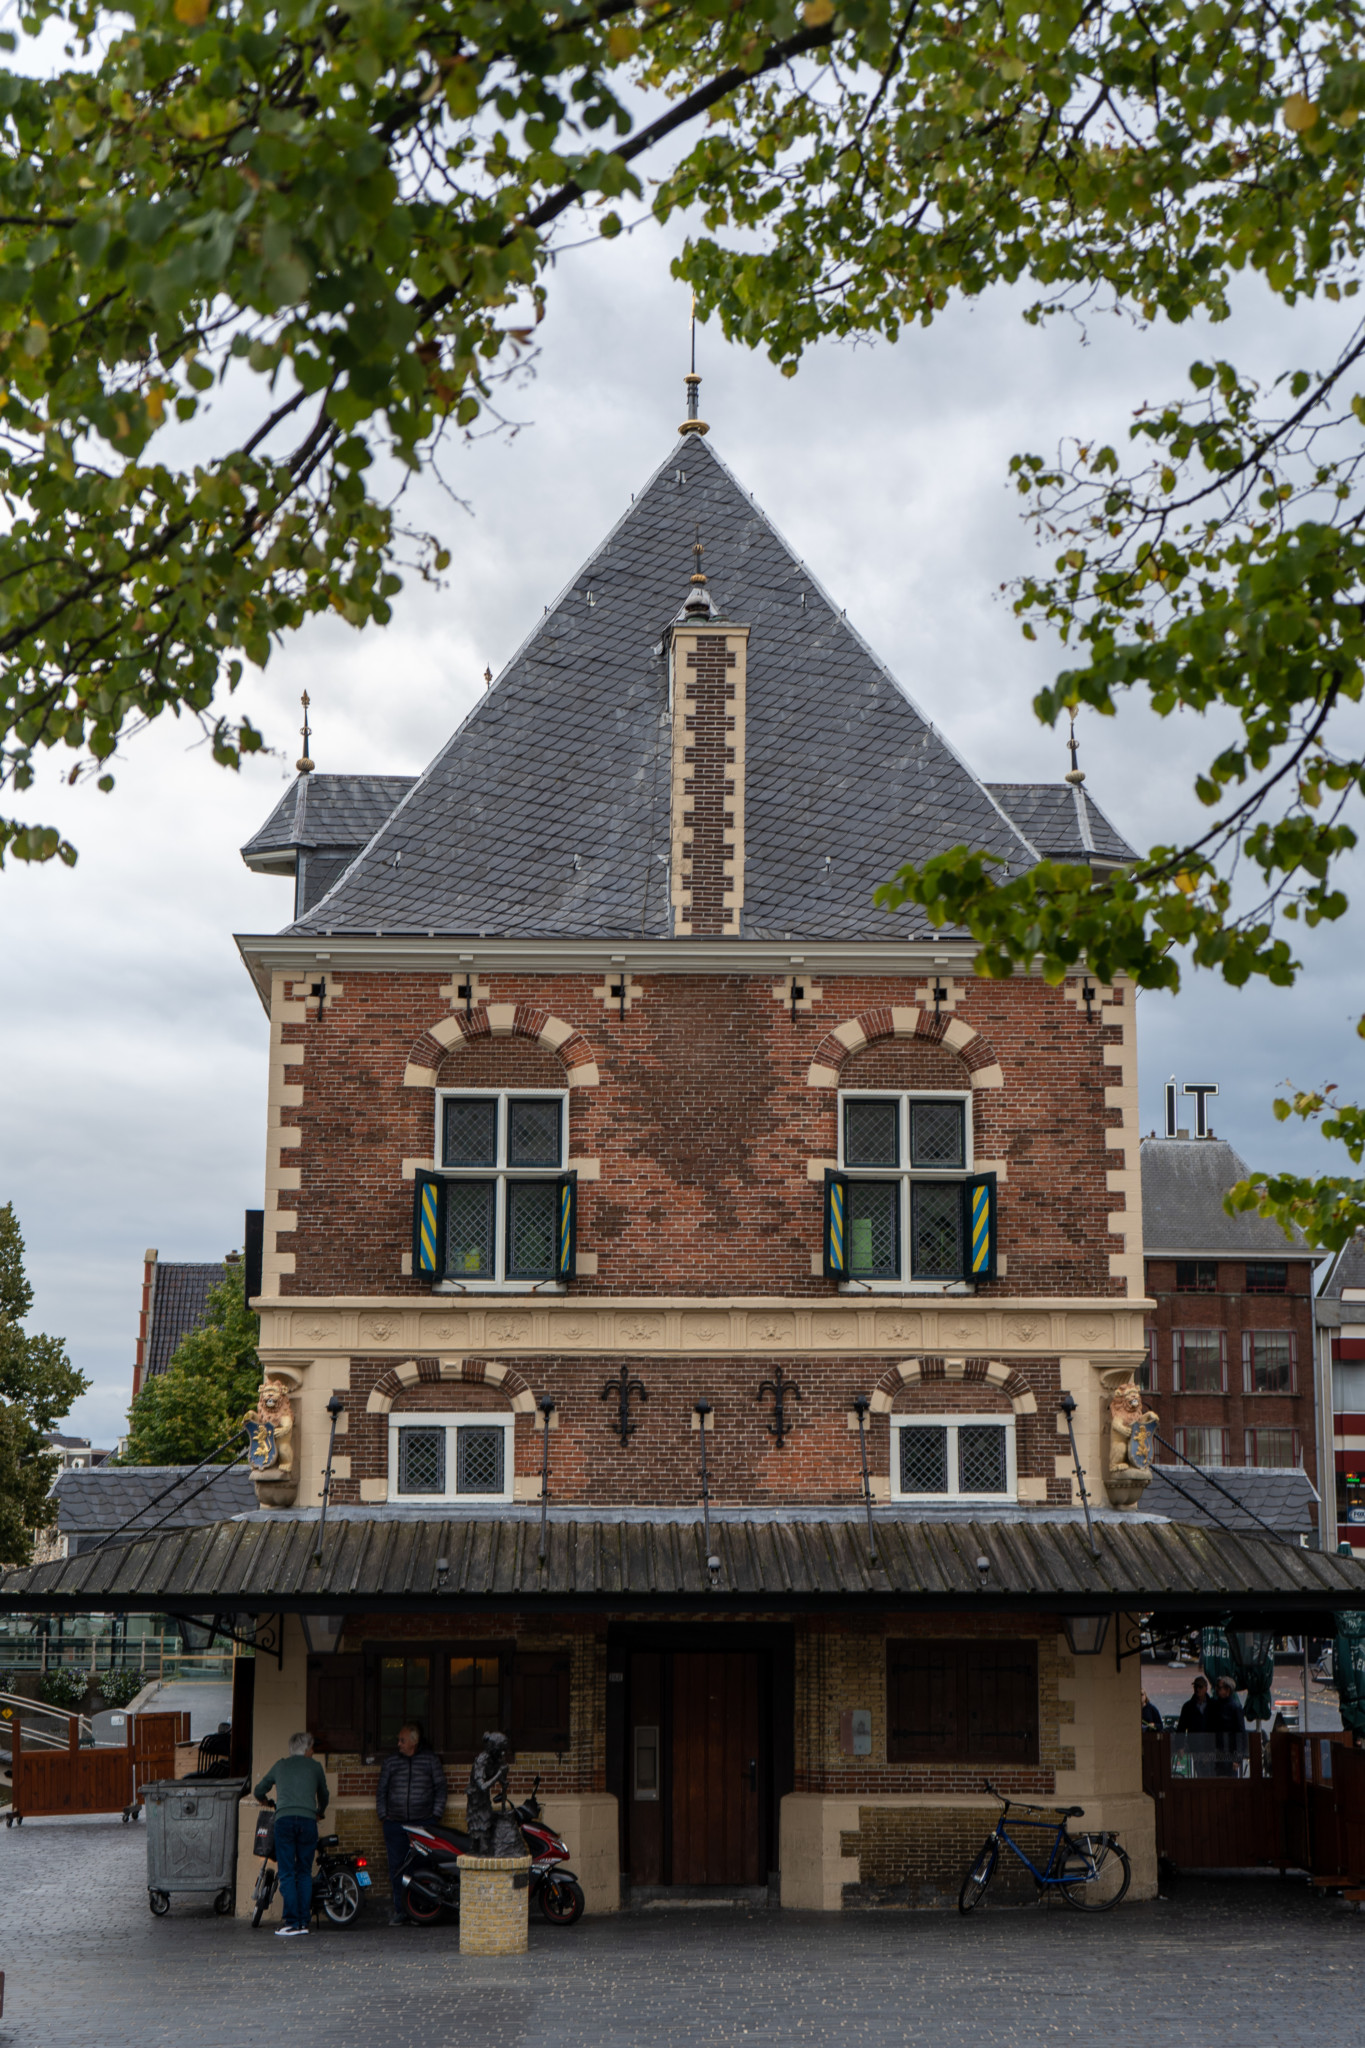 De Waad in Leeuwarden in den Niederlanden